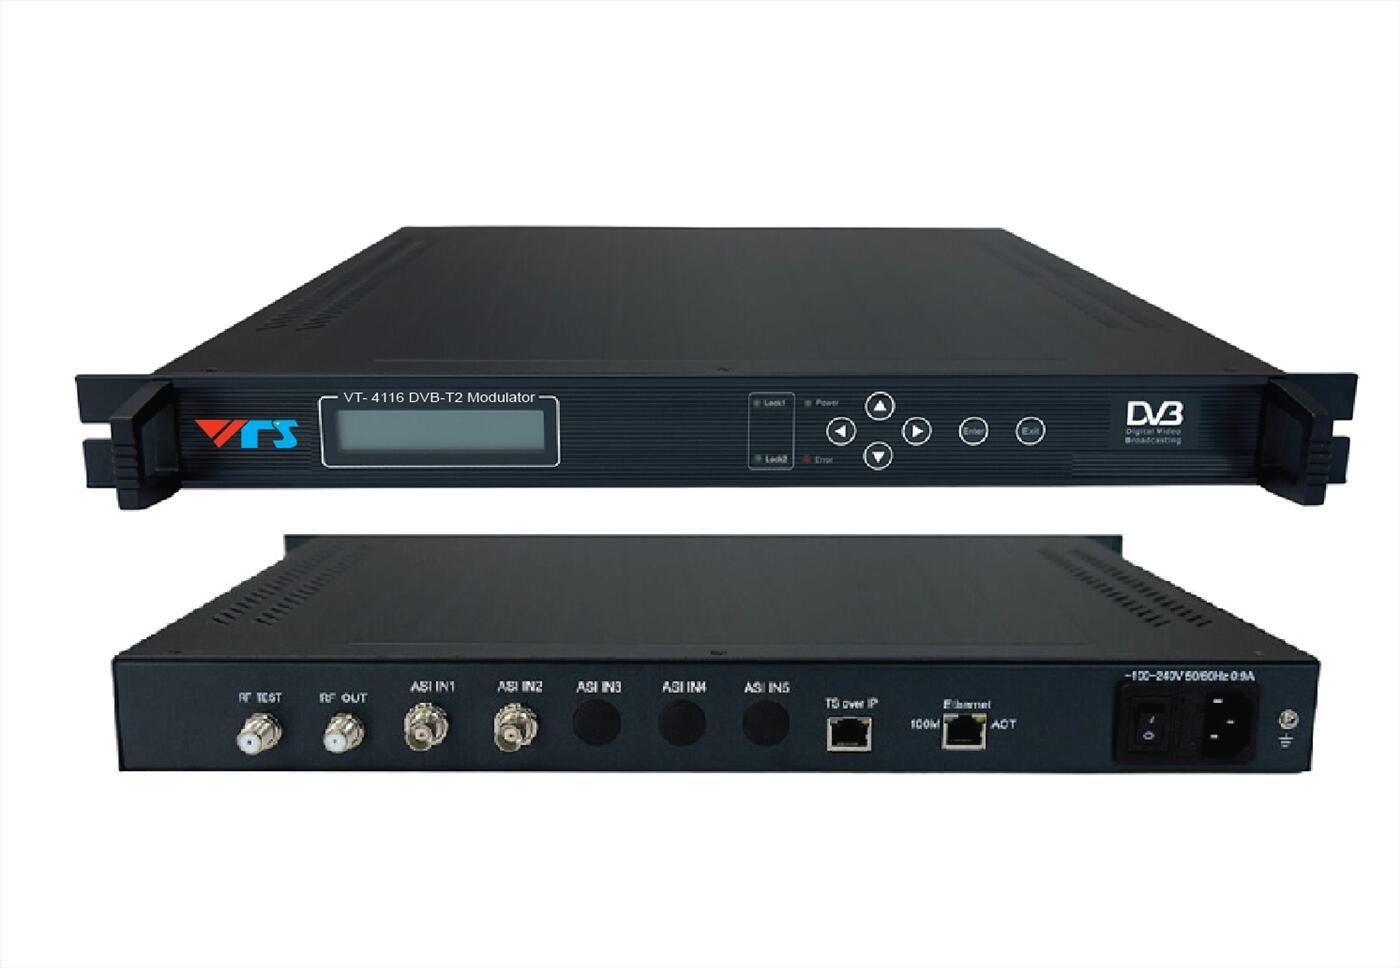 BỘ ĐIỀU CHẾ TÍN HIỆU DVB-T2 VT-4116